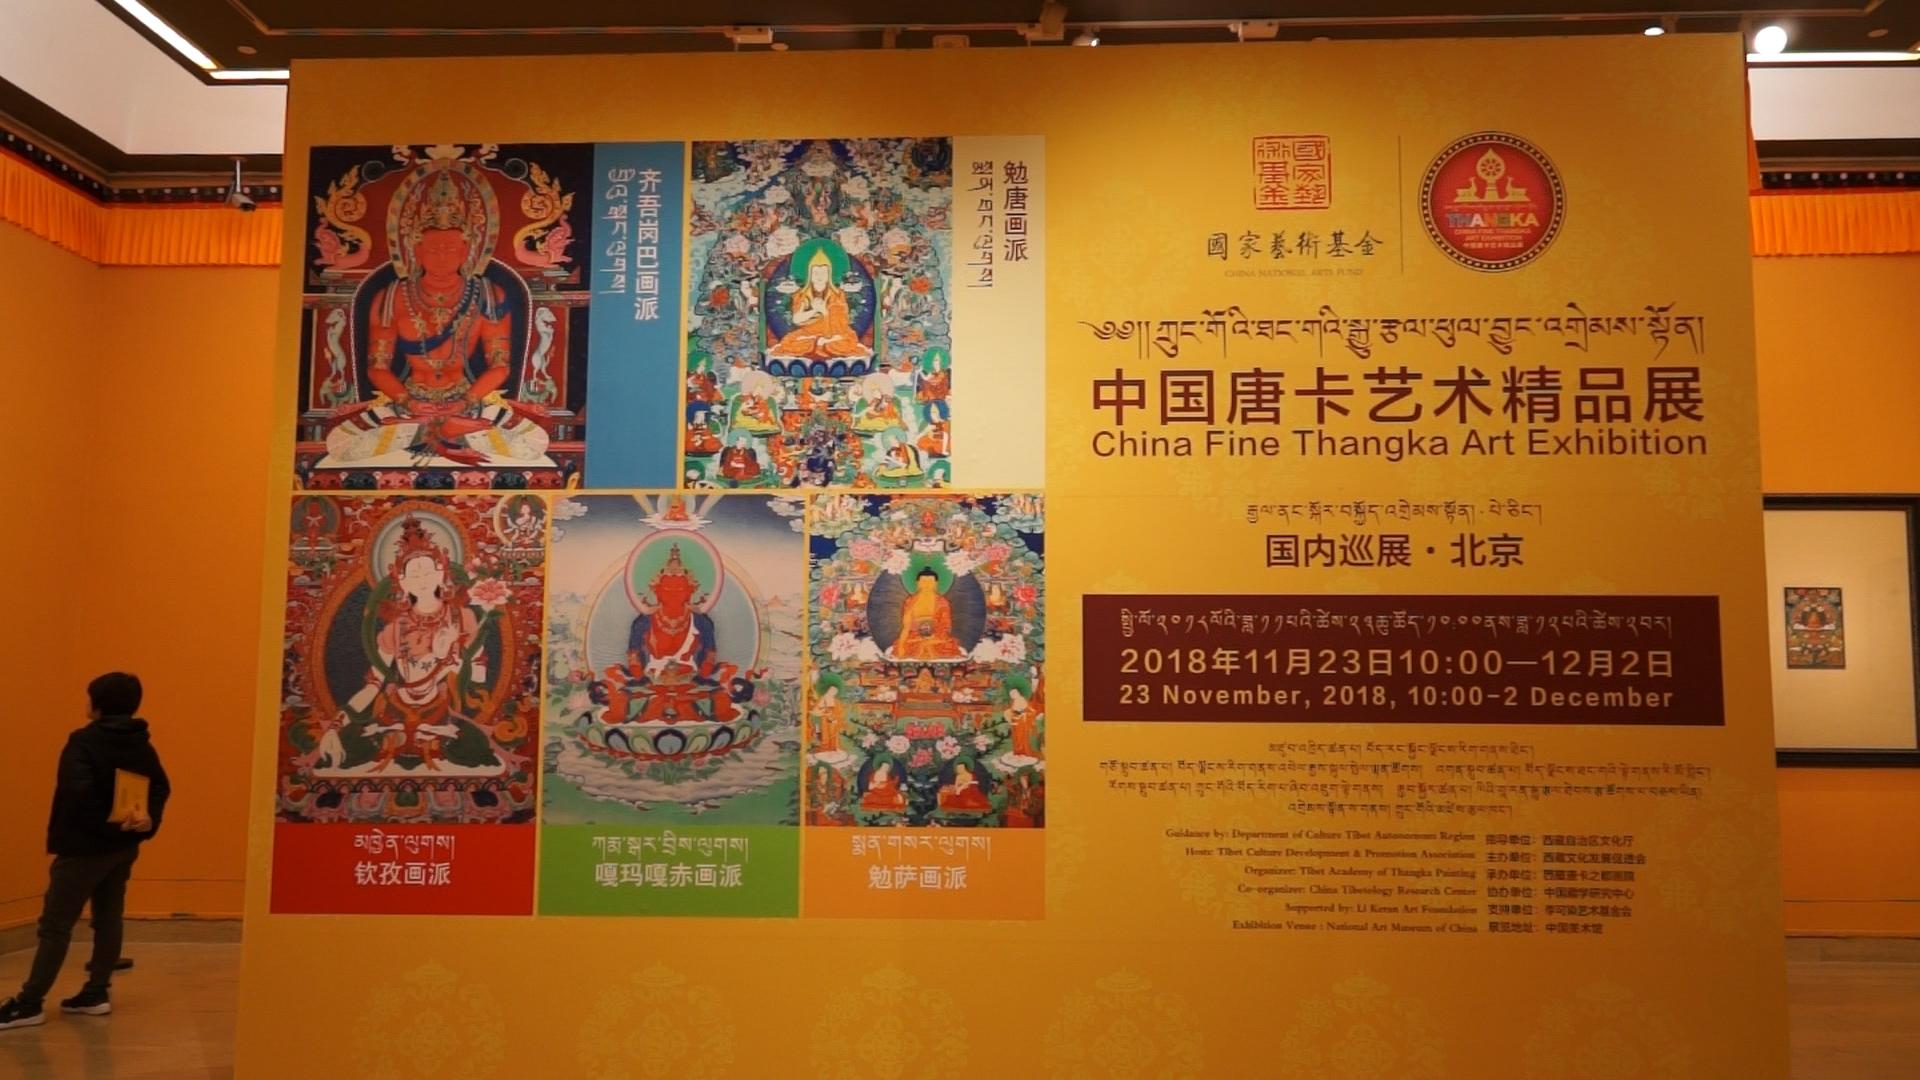 中国唐卡艺术精品展在中国美术馆展出